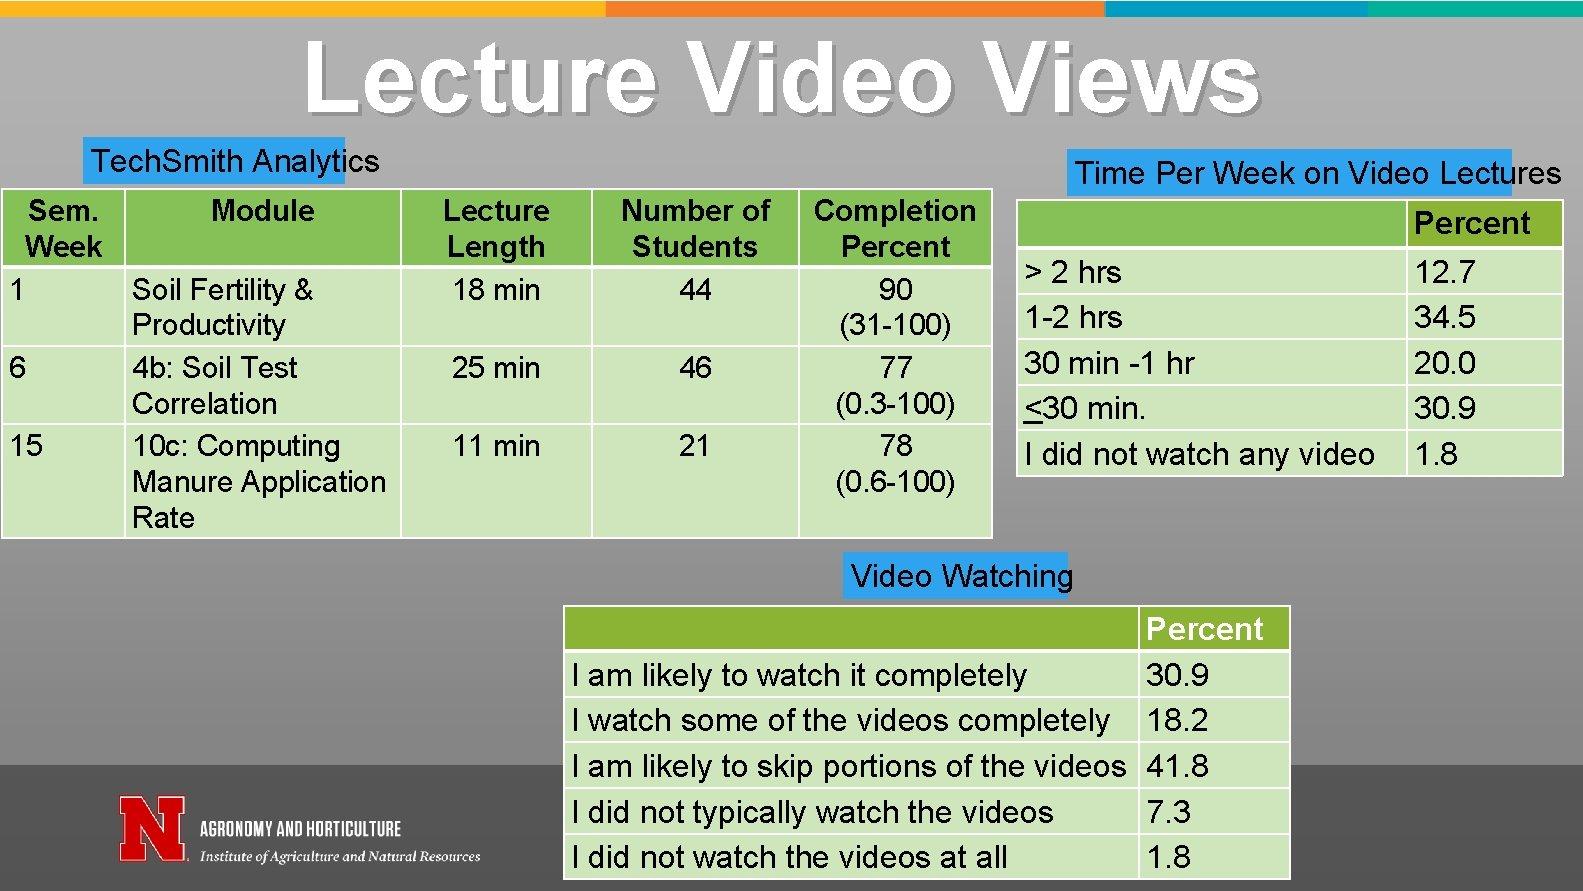 Lecture Video Views Tech. Smith Analytics Sem. Week 1 6 15 Module Soil Fertility